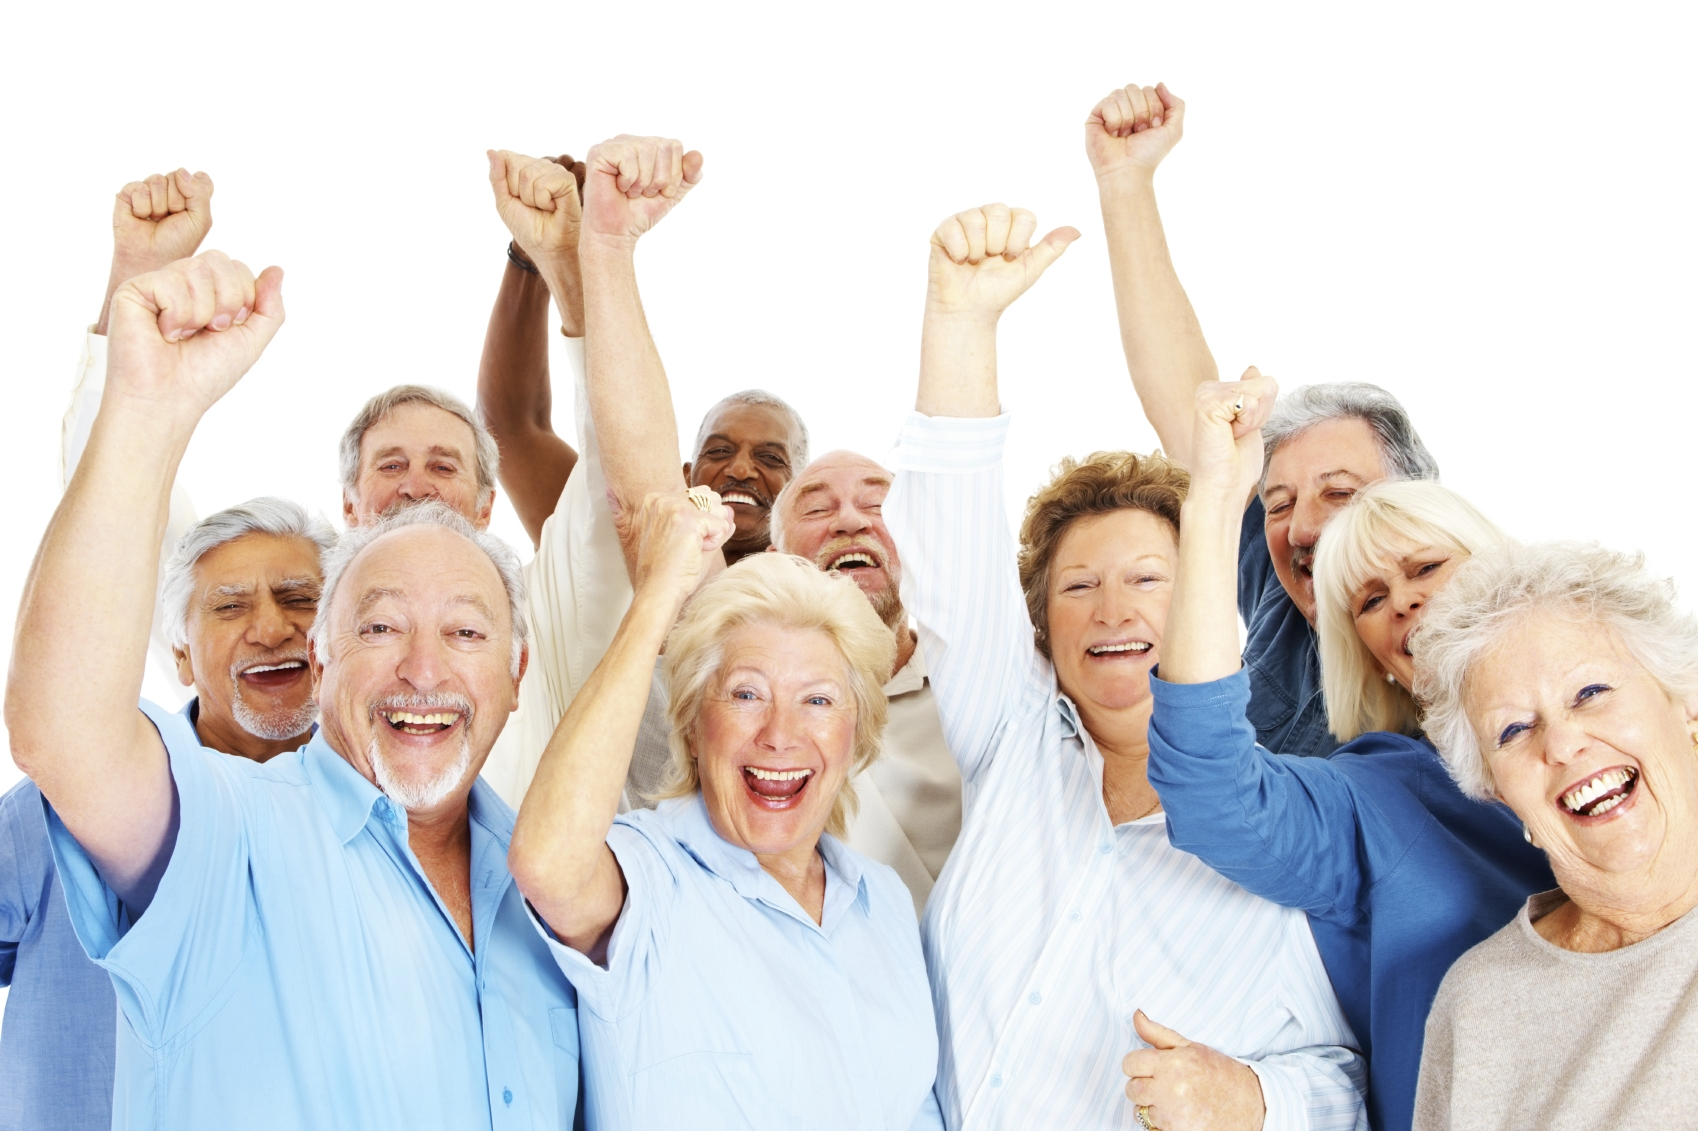 Проверьте свои пенсионные накопления за все время трудоустройства в Израиле — проверка осуществляется бесплатно